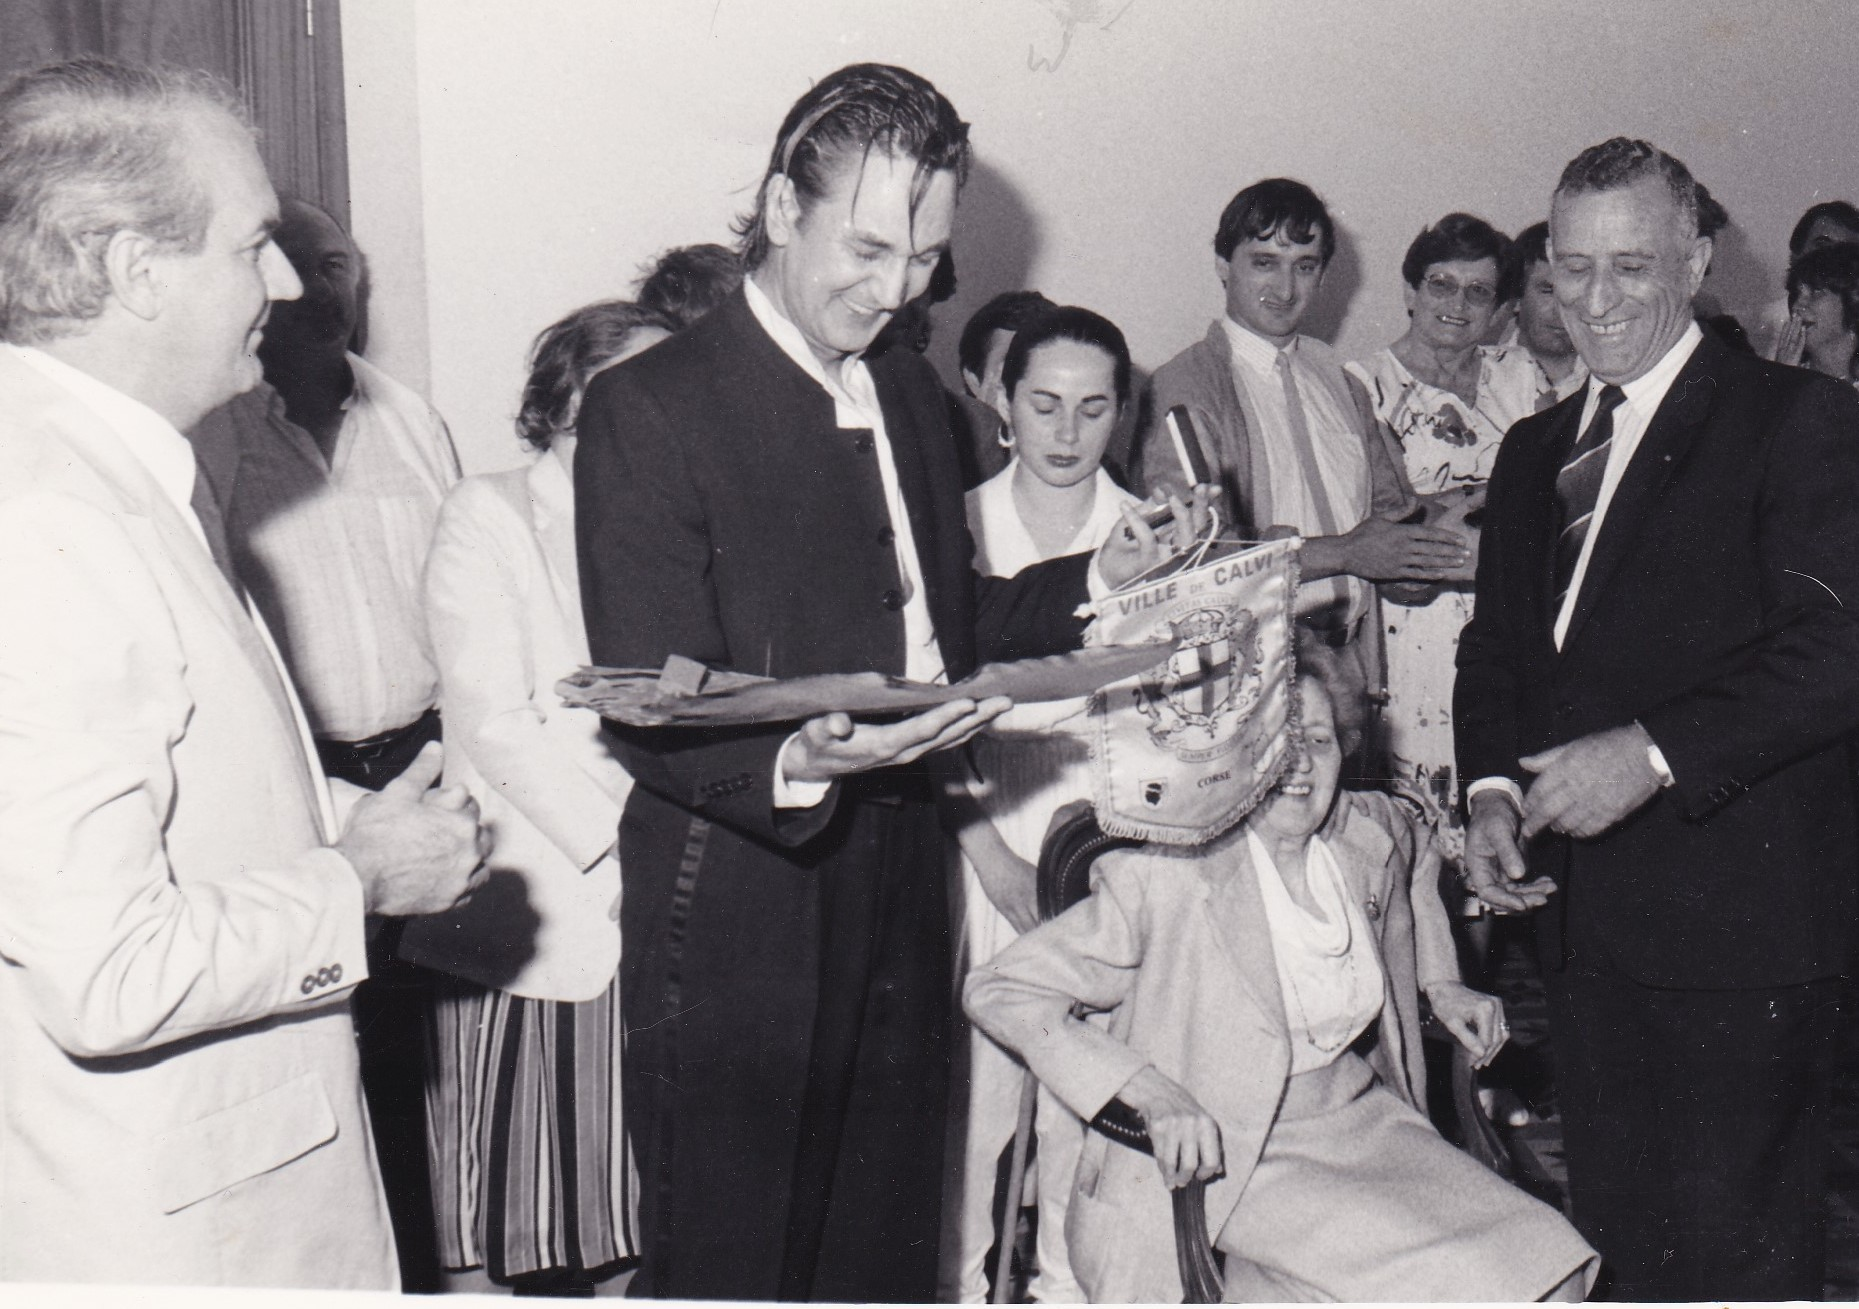 Jacques Higelin fait citoyen d'honneur de la Ville de Calvi par Xavier Colonna,  maire de la ville